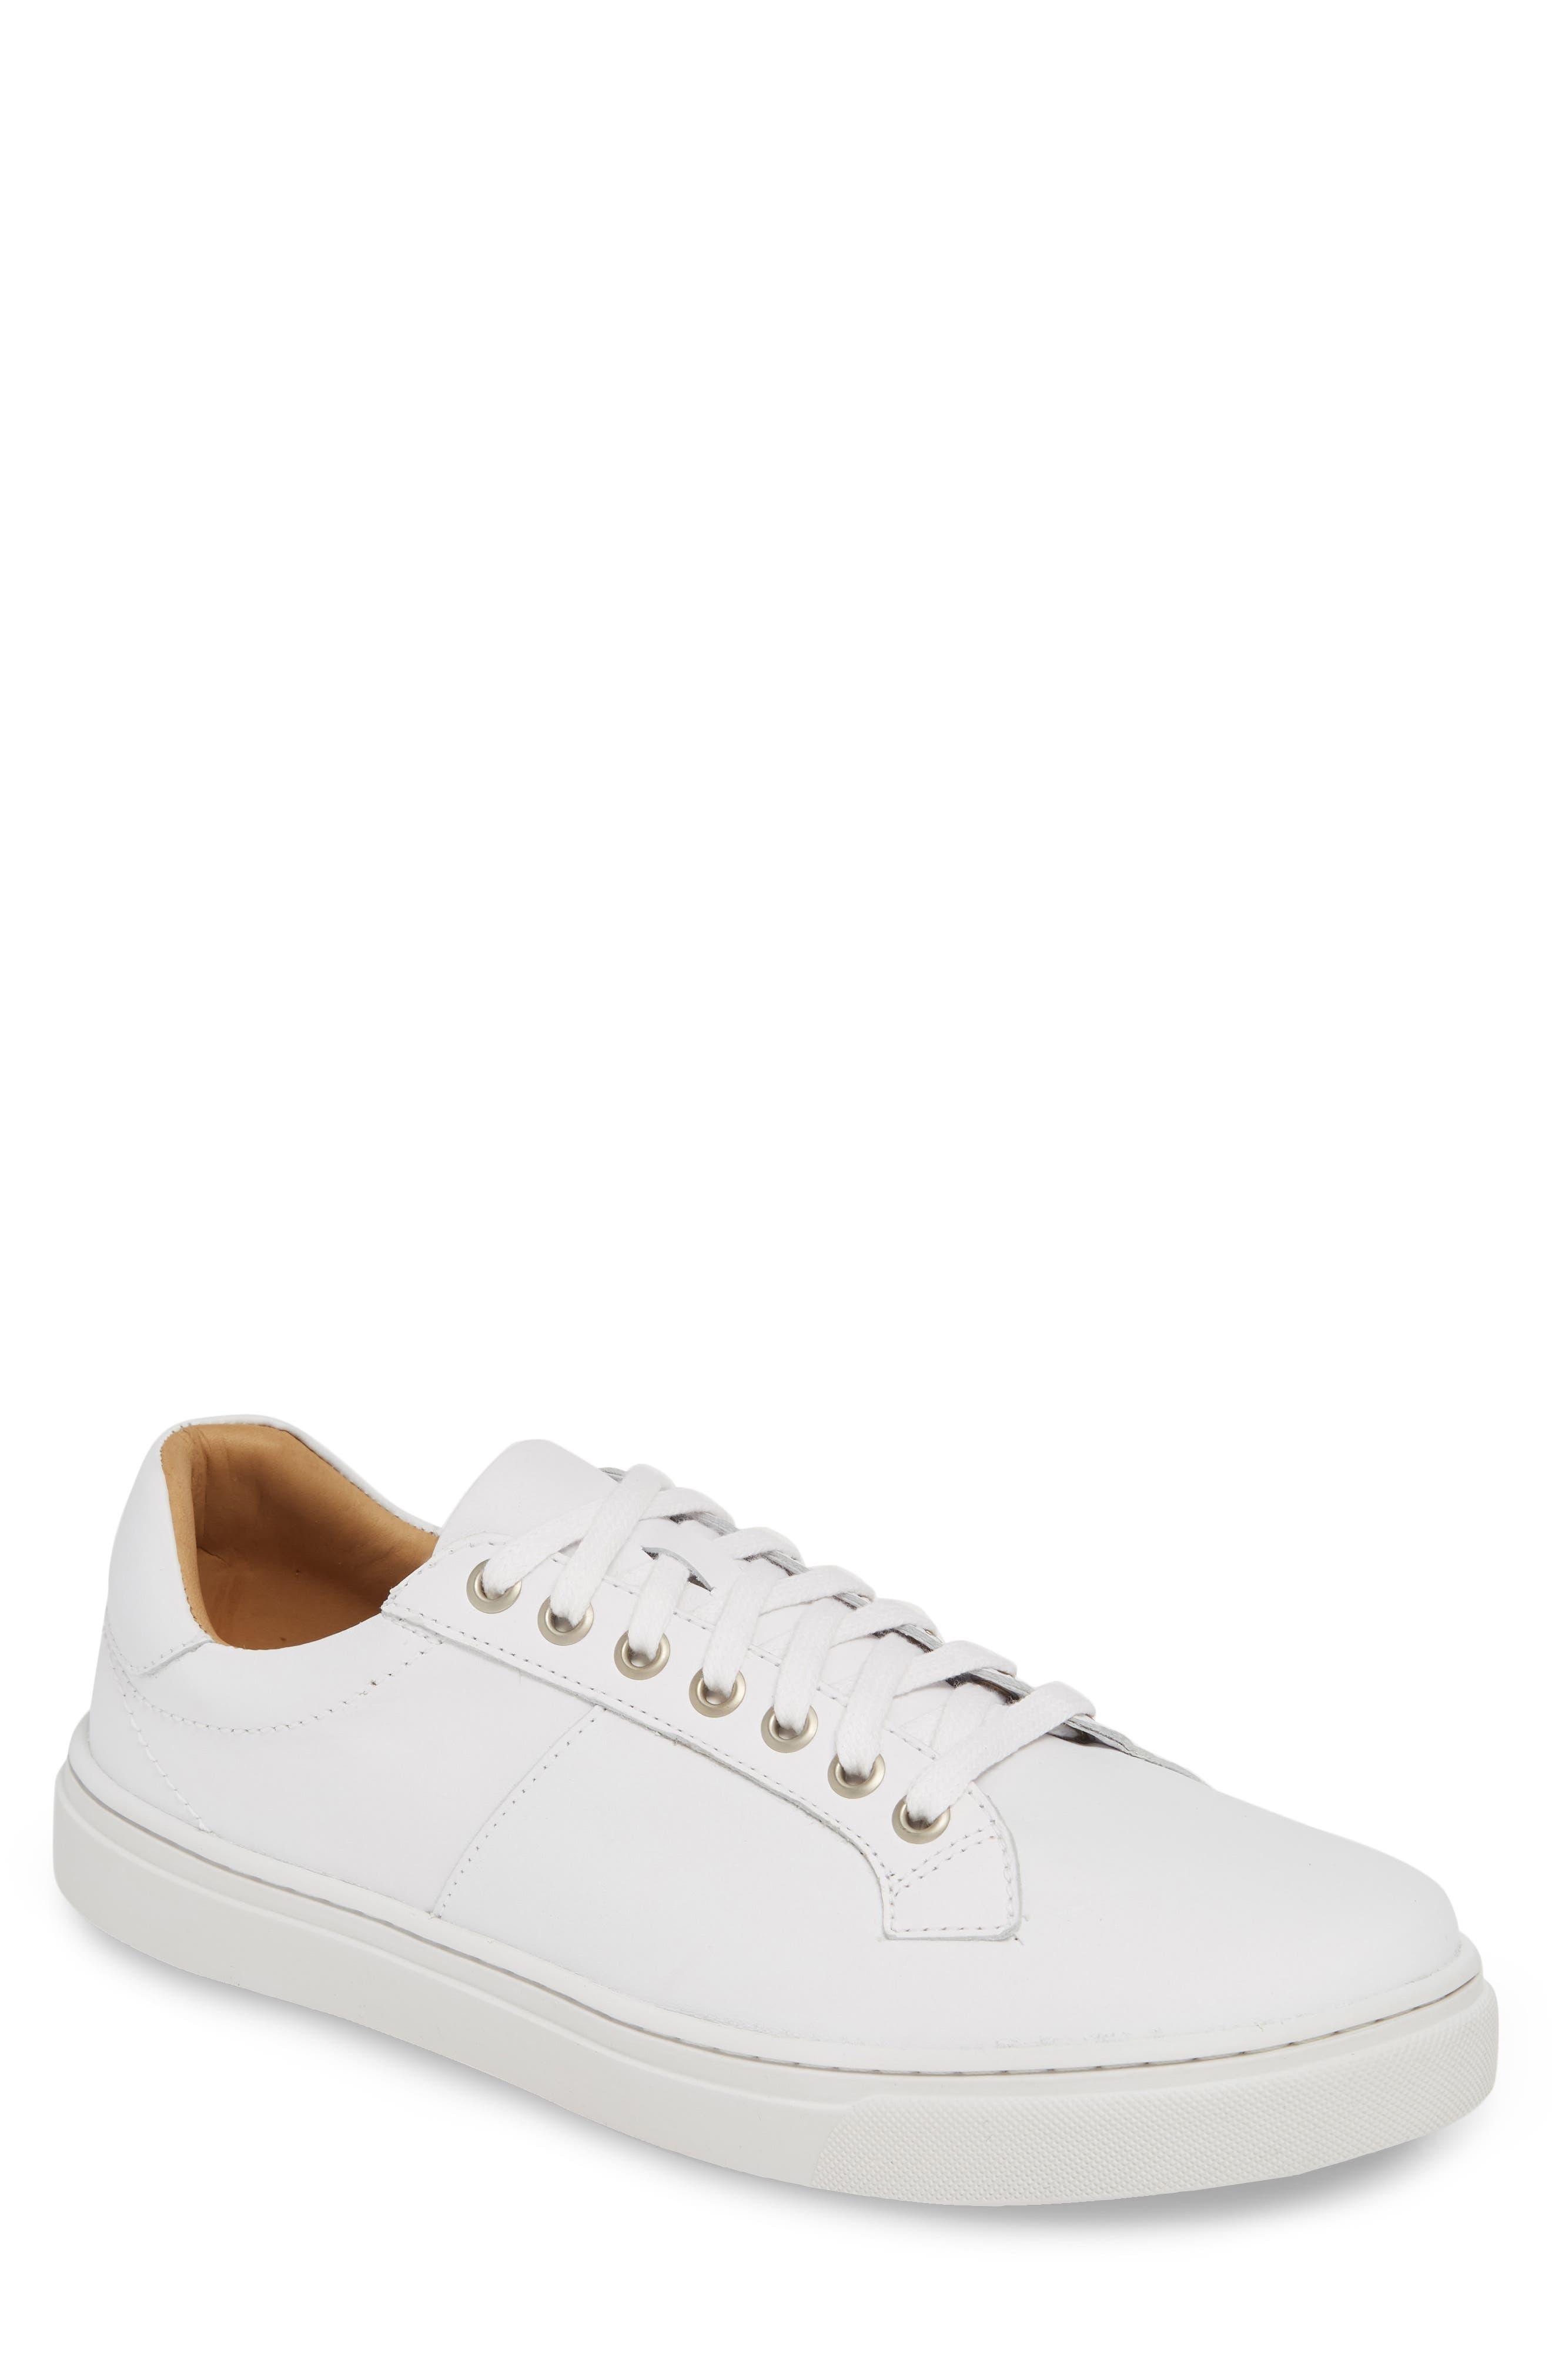 1901 Sloan Sneaker